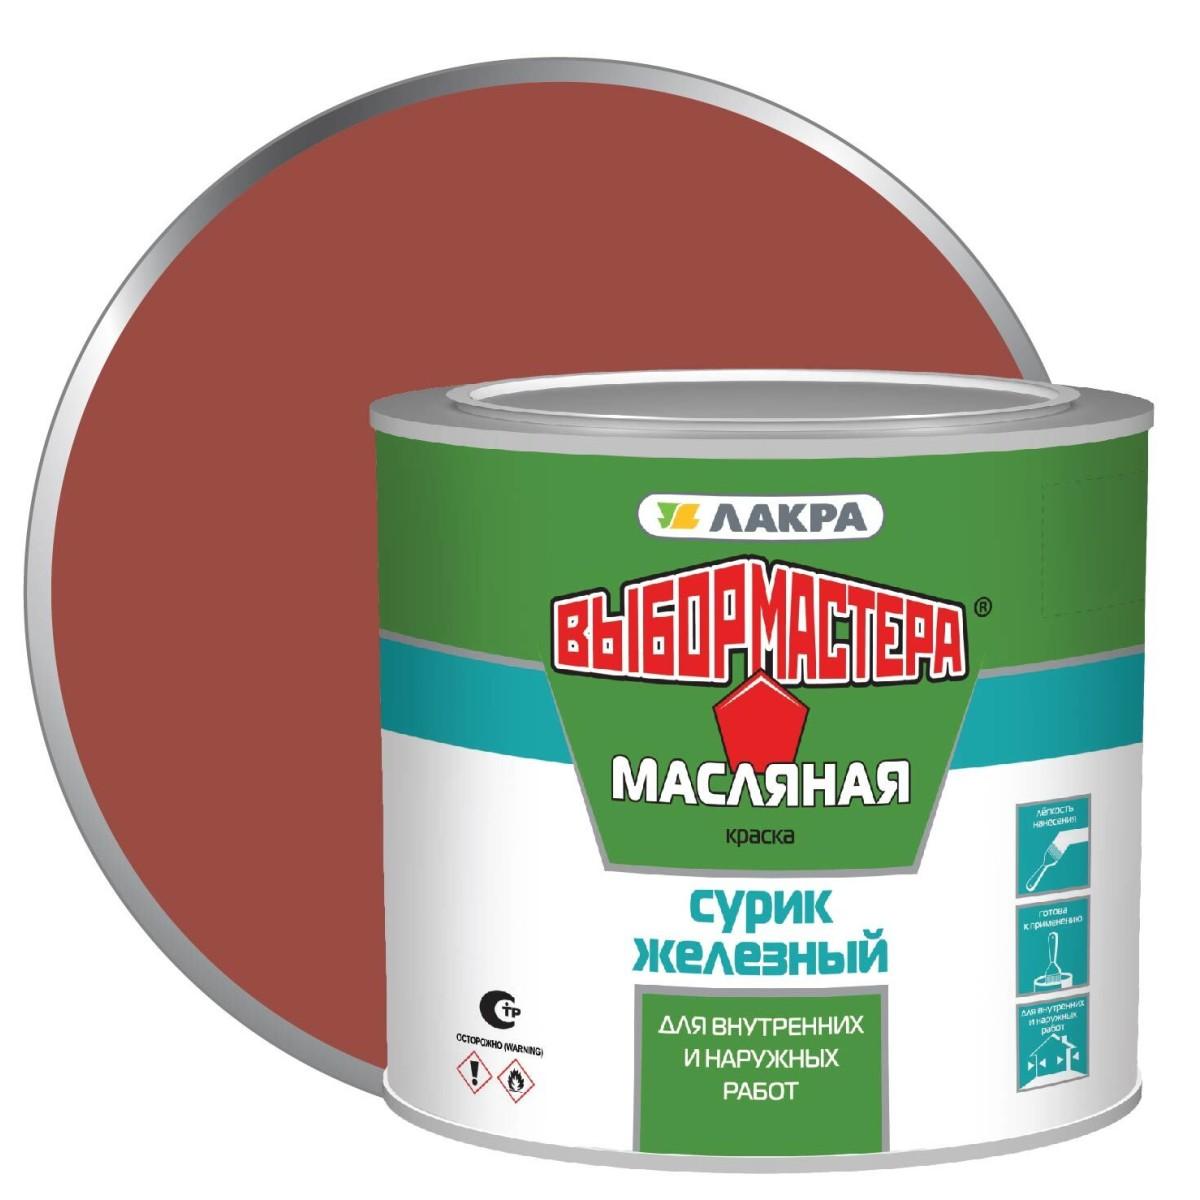 Краска Выбор Мастера масляная сурик железный 3 кг